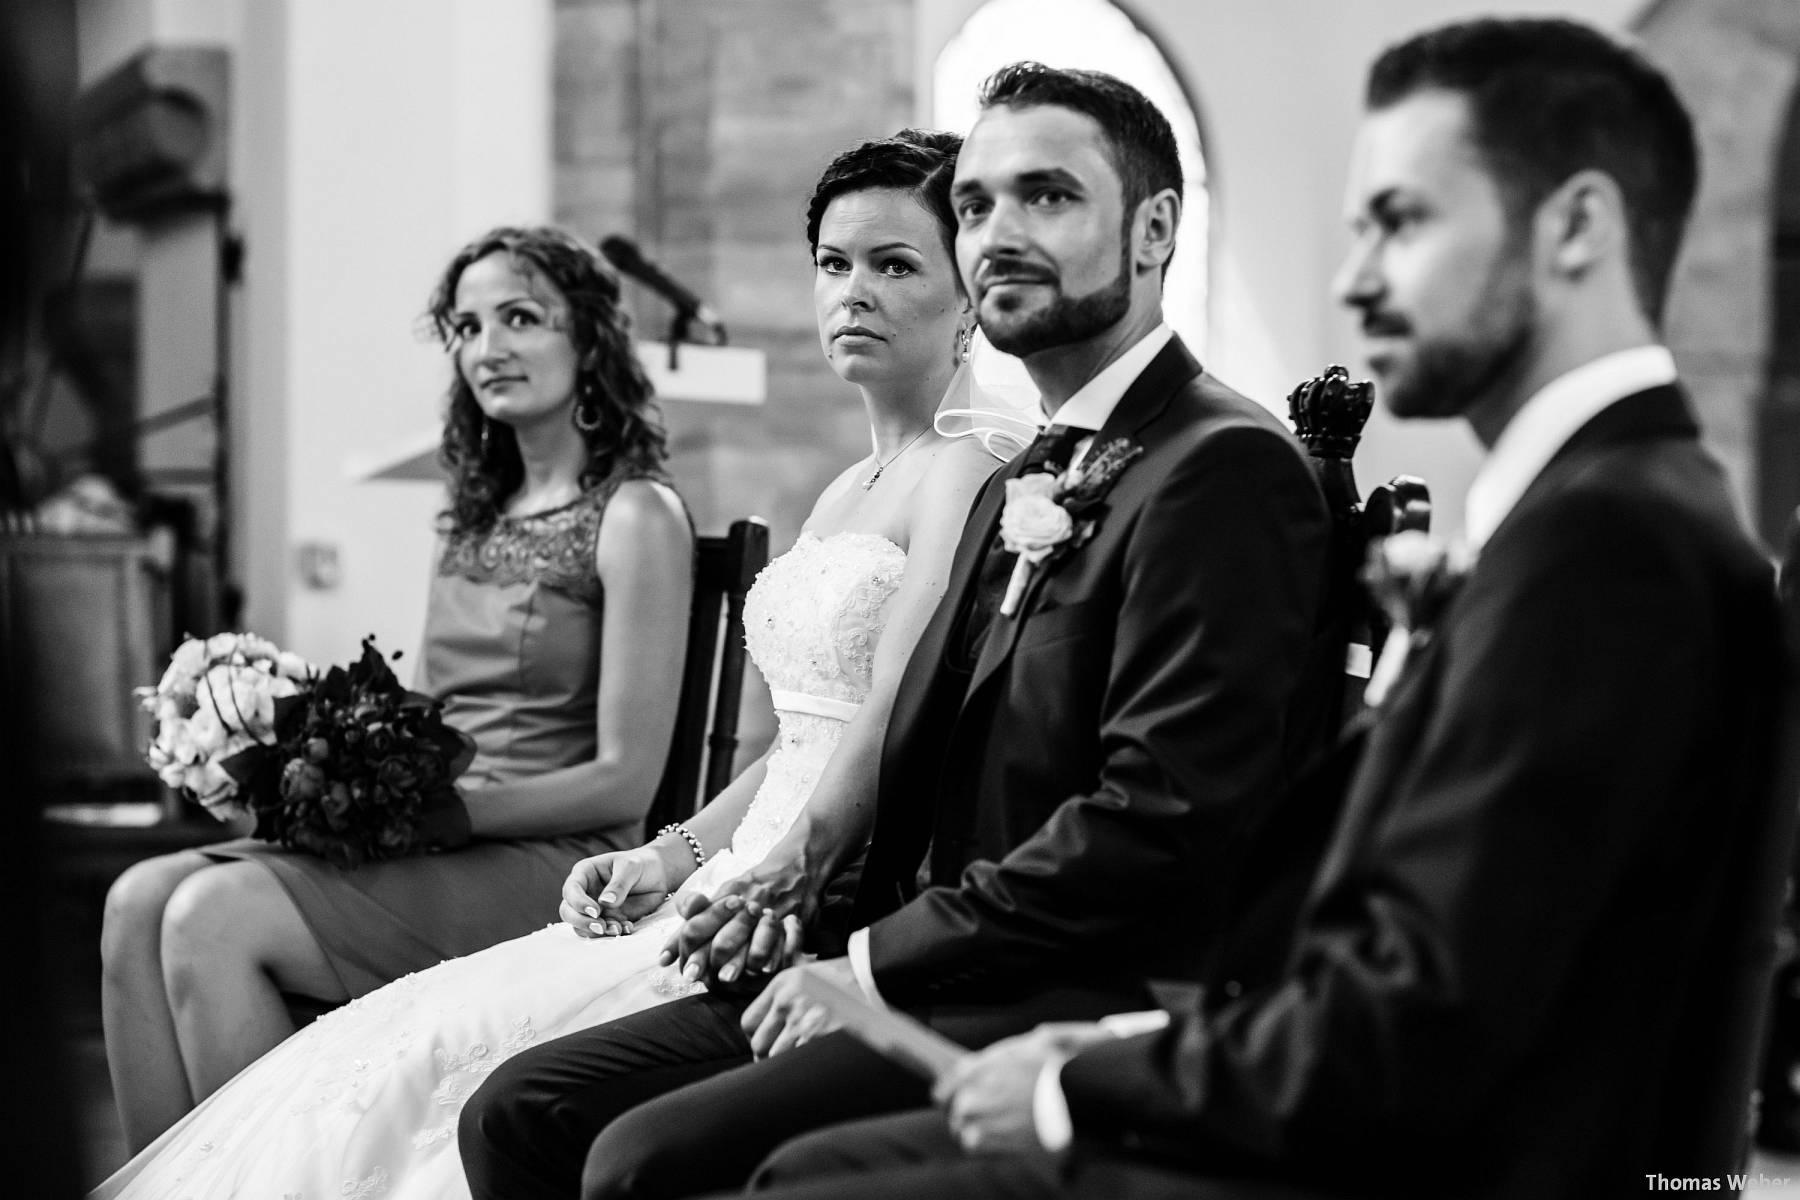 Hochzeitsfotograf Oldenburg: Kirchliche Trauung in der Garnisonkirche Oldenburg und Feier im Landhaus Etzhorn Oldenburg (18)